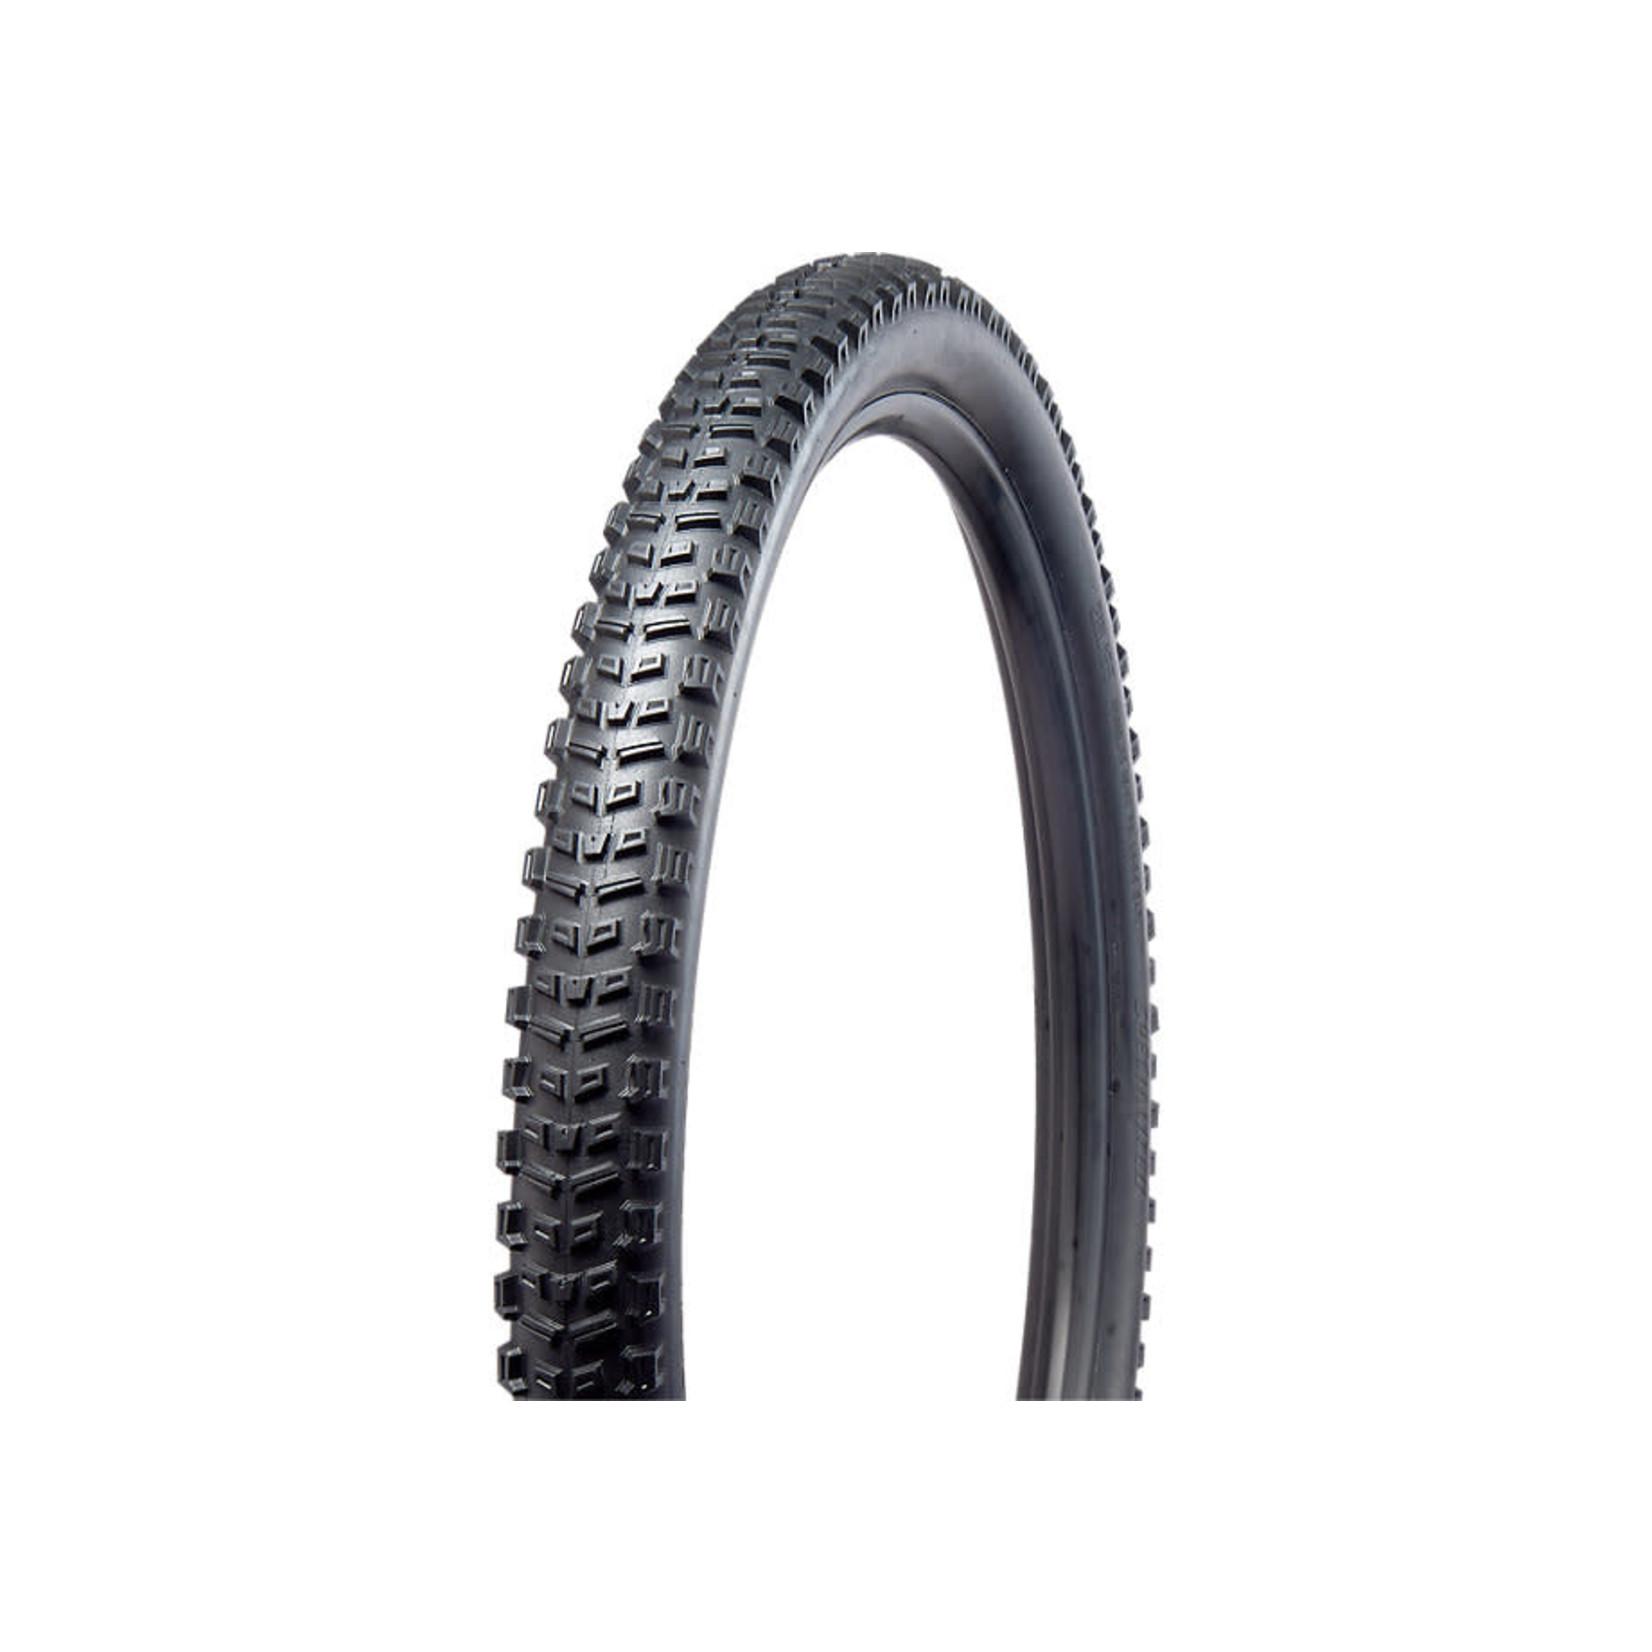 Specialized Specialized Purgatory Folding Bead Tire, 650B x 2.3